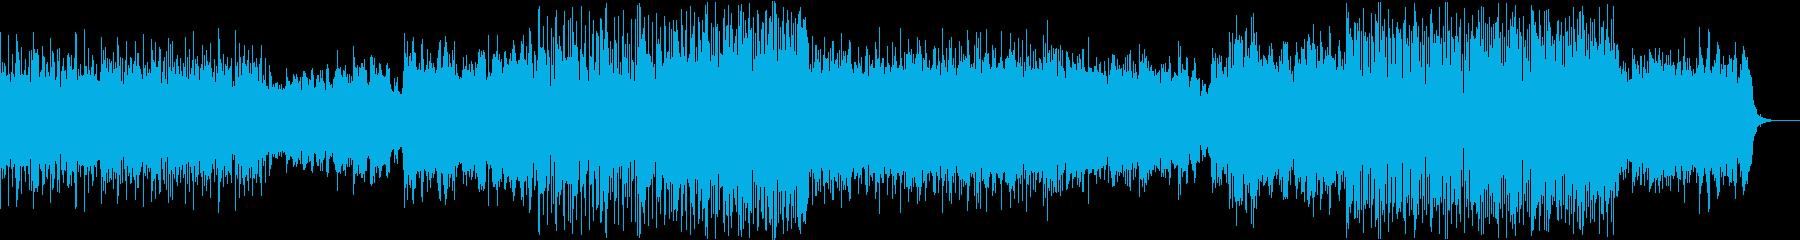 水の癒し×愛の音色=新感覚の爽やかさ!4の再生済みの波形